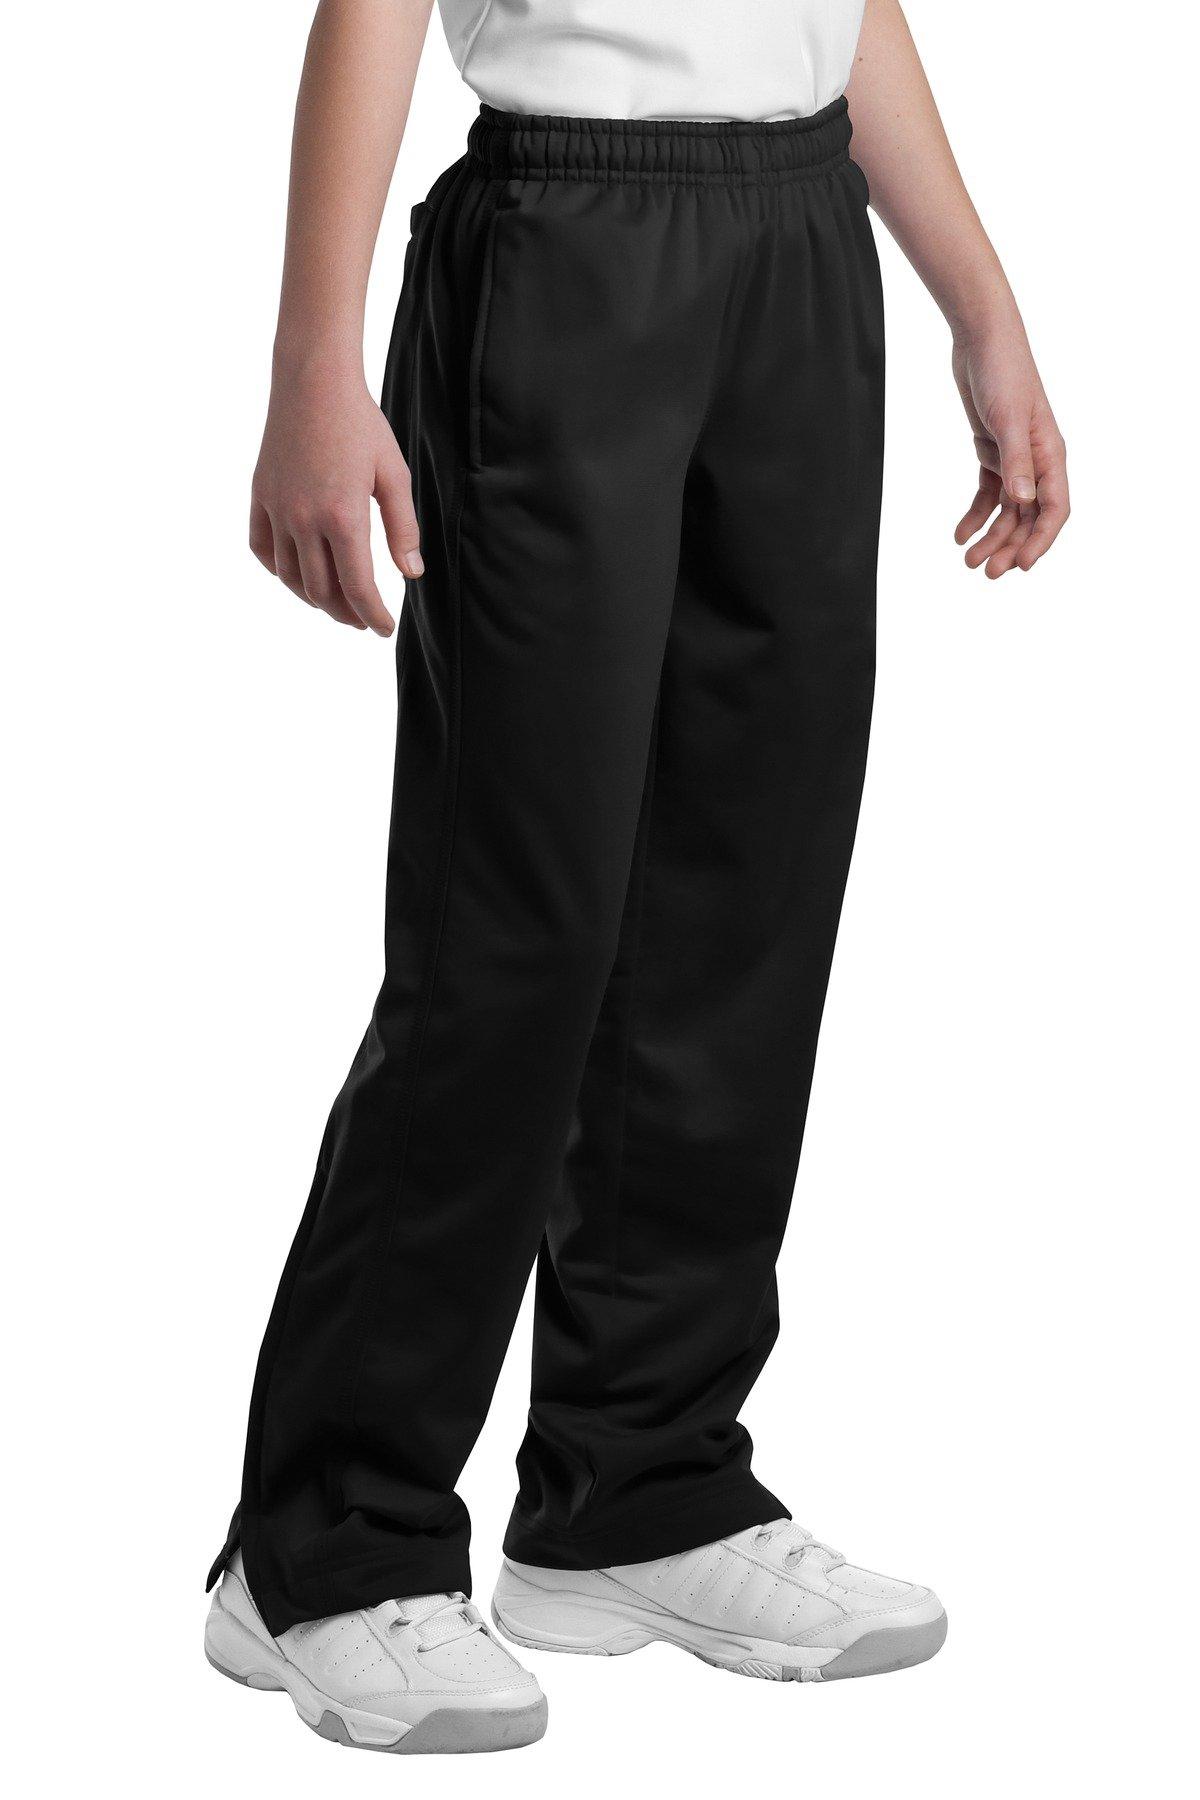 Sport-Tek Boys' Tricot Track Pant XS Black